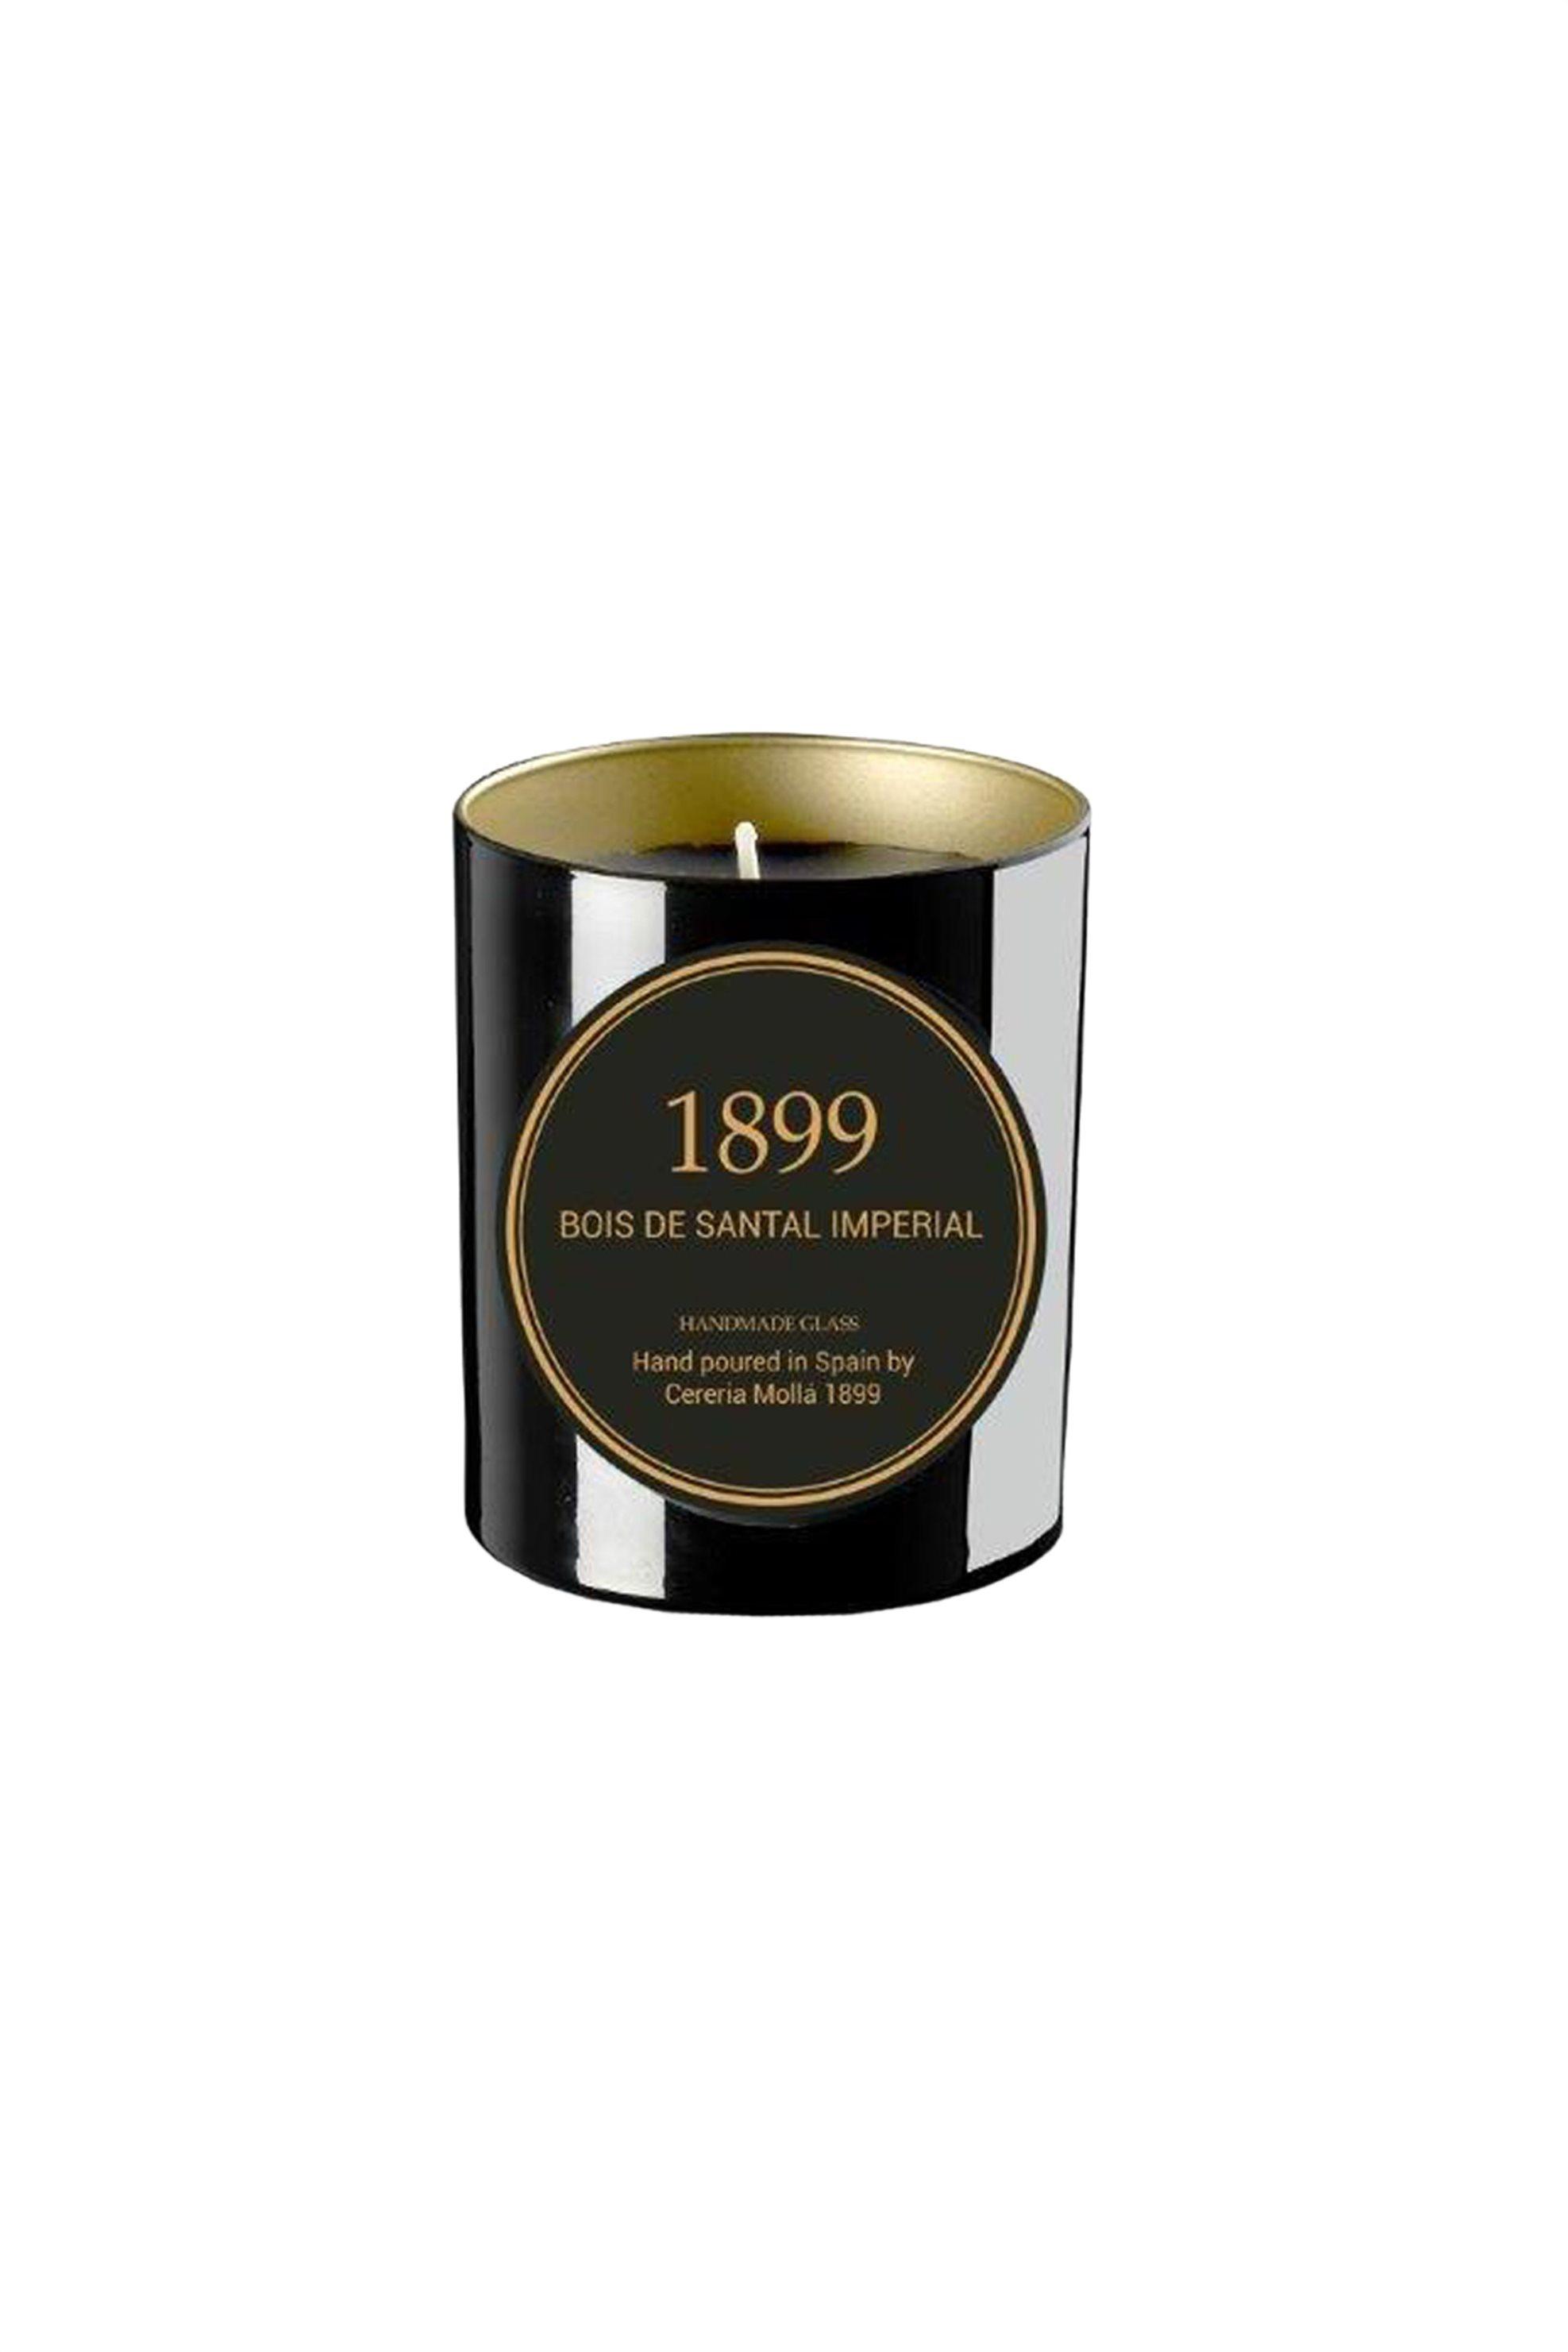 Cereria Mollá 1899 αρωματικό κερί Gold Edition Bois de Santal - 6650 home   σαλονι   αρωματικά χώρου